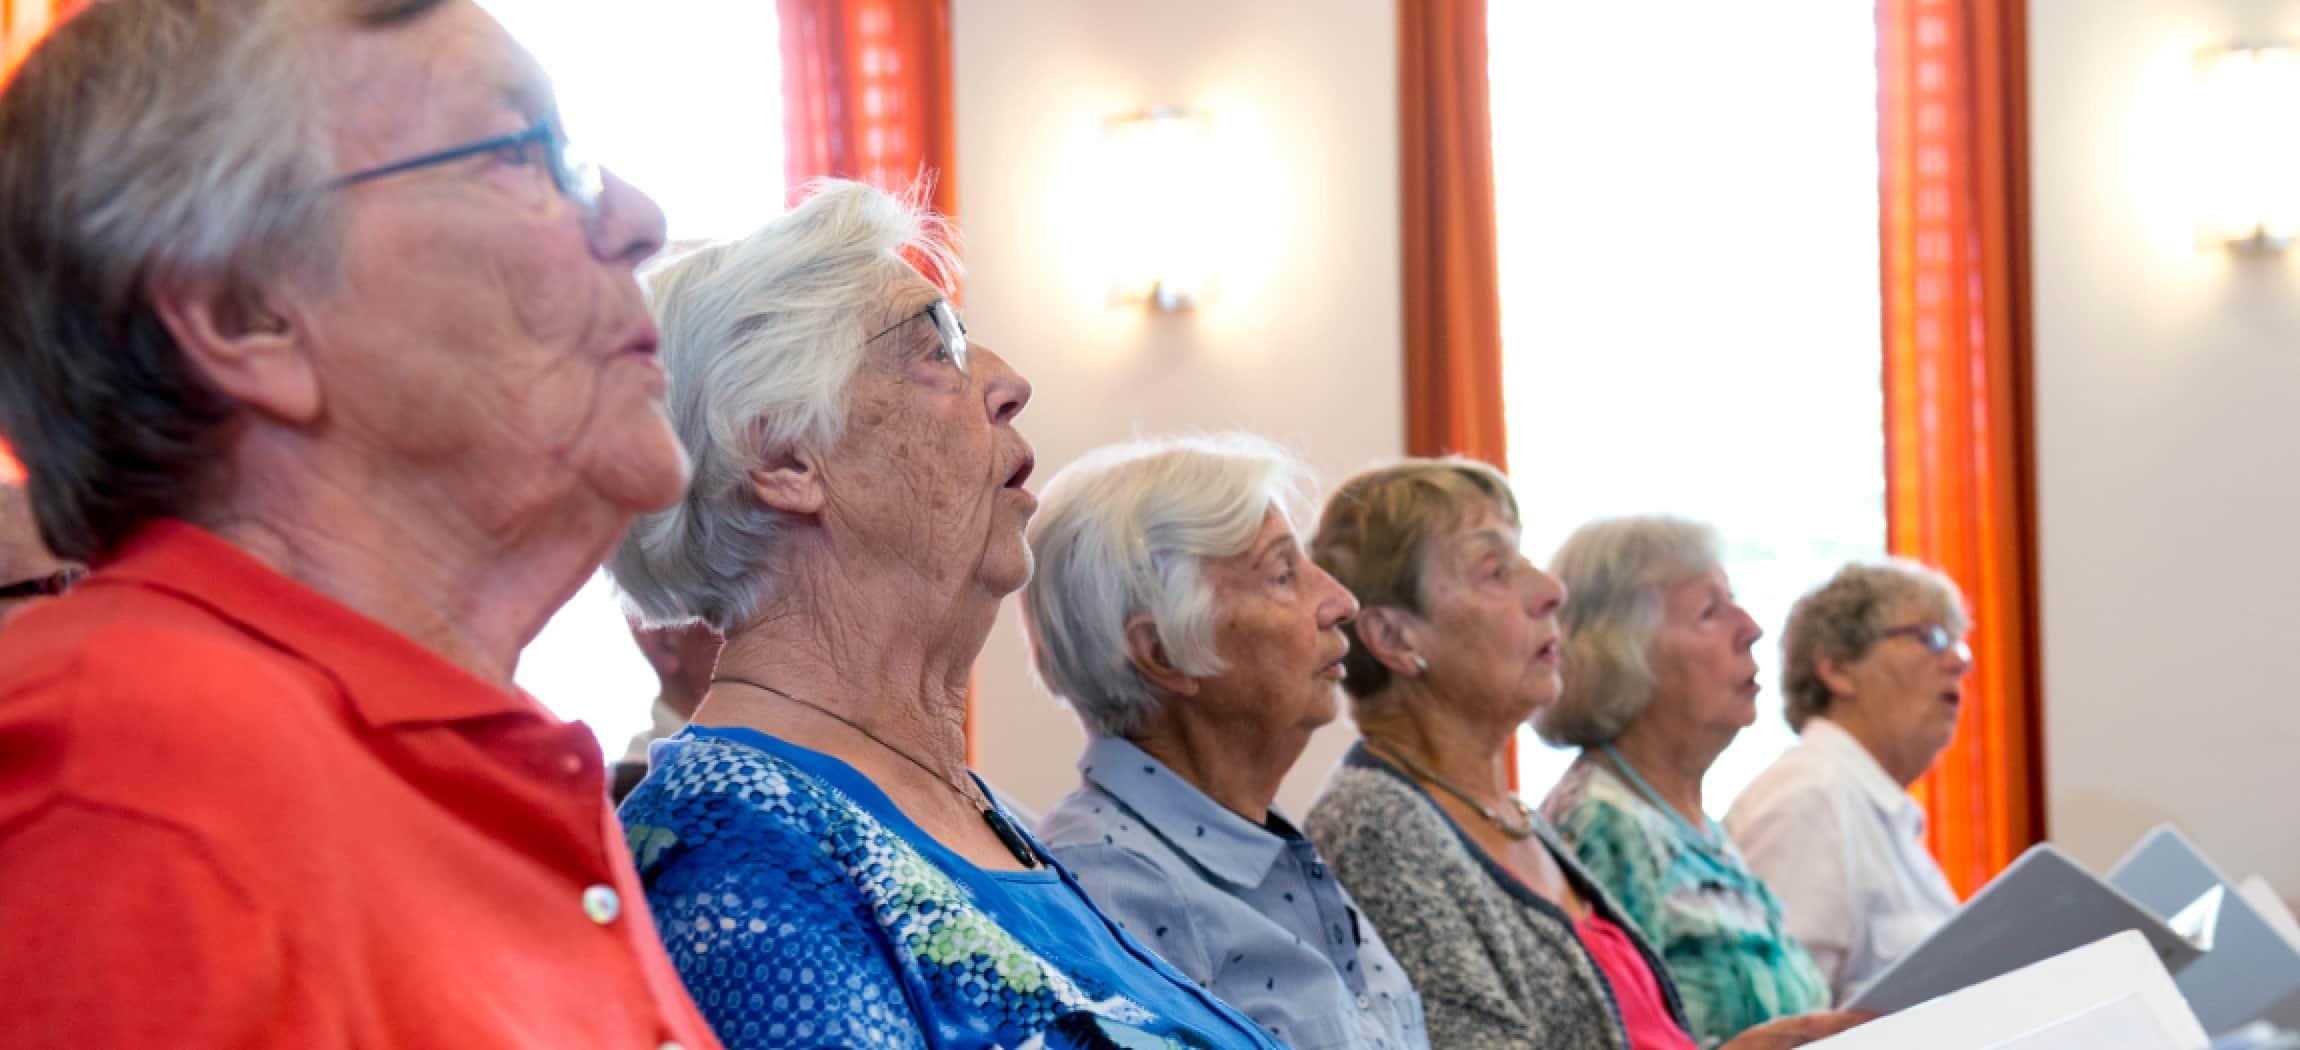 Dames zingen in het koor van een verpleeghuis in Hoofddorp